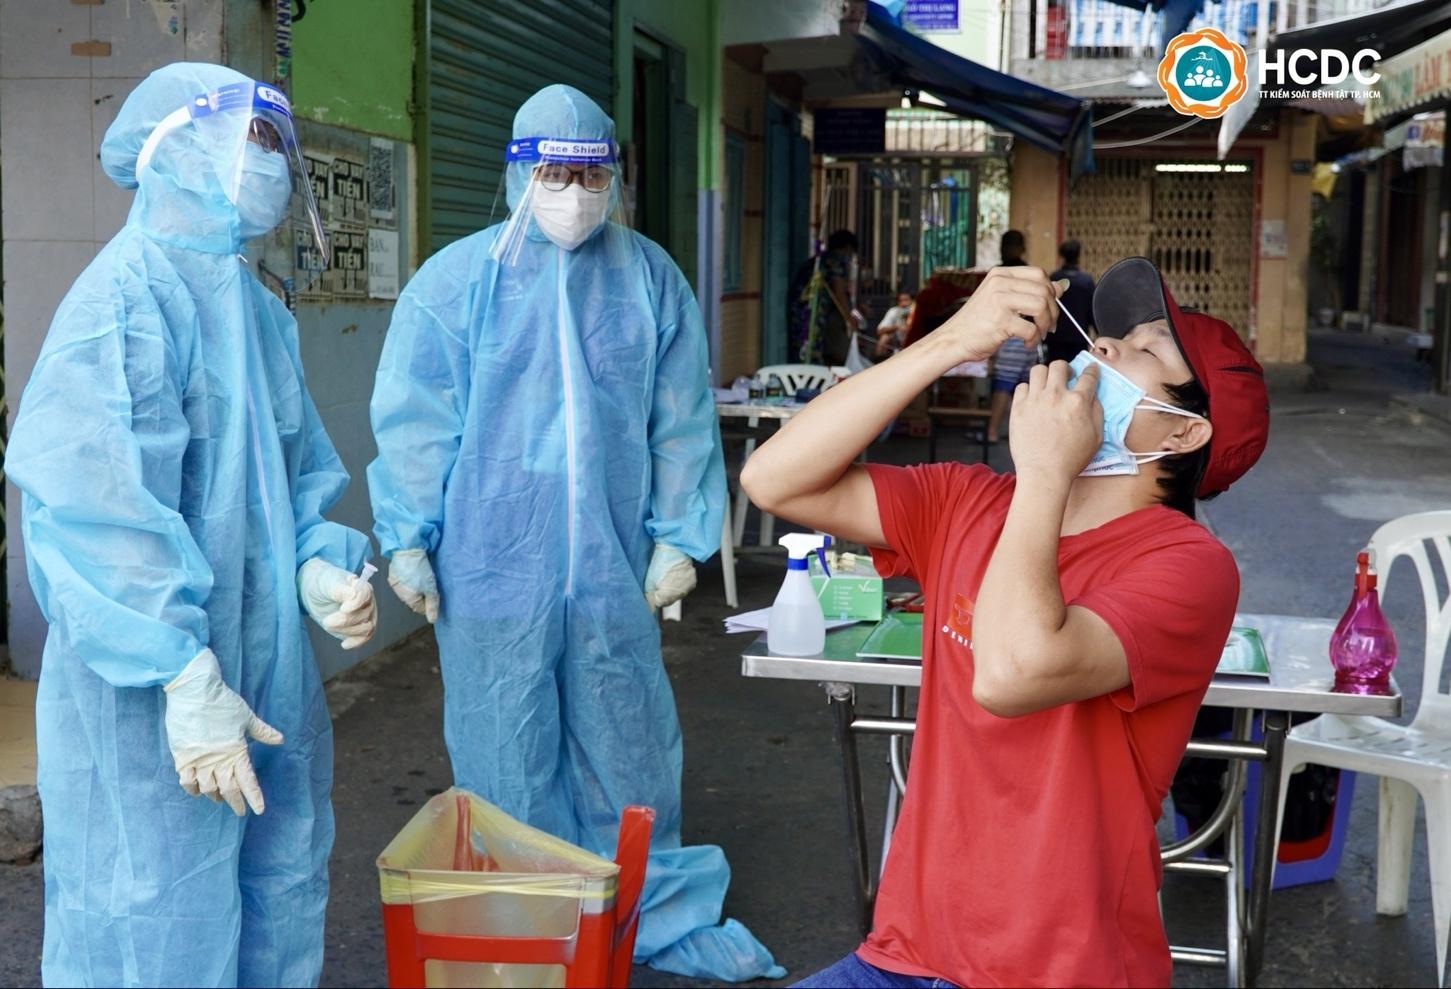 Sáng 27/8, Hà Nội ghi nhận 6 ca dương tính SARS-CoV-2